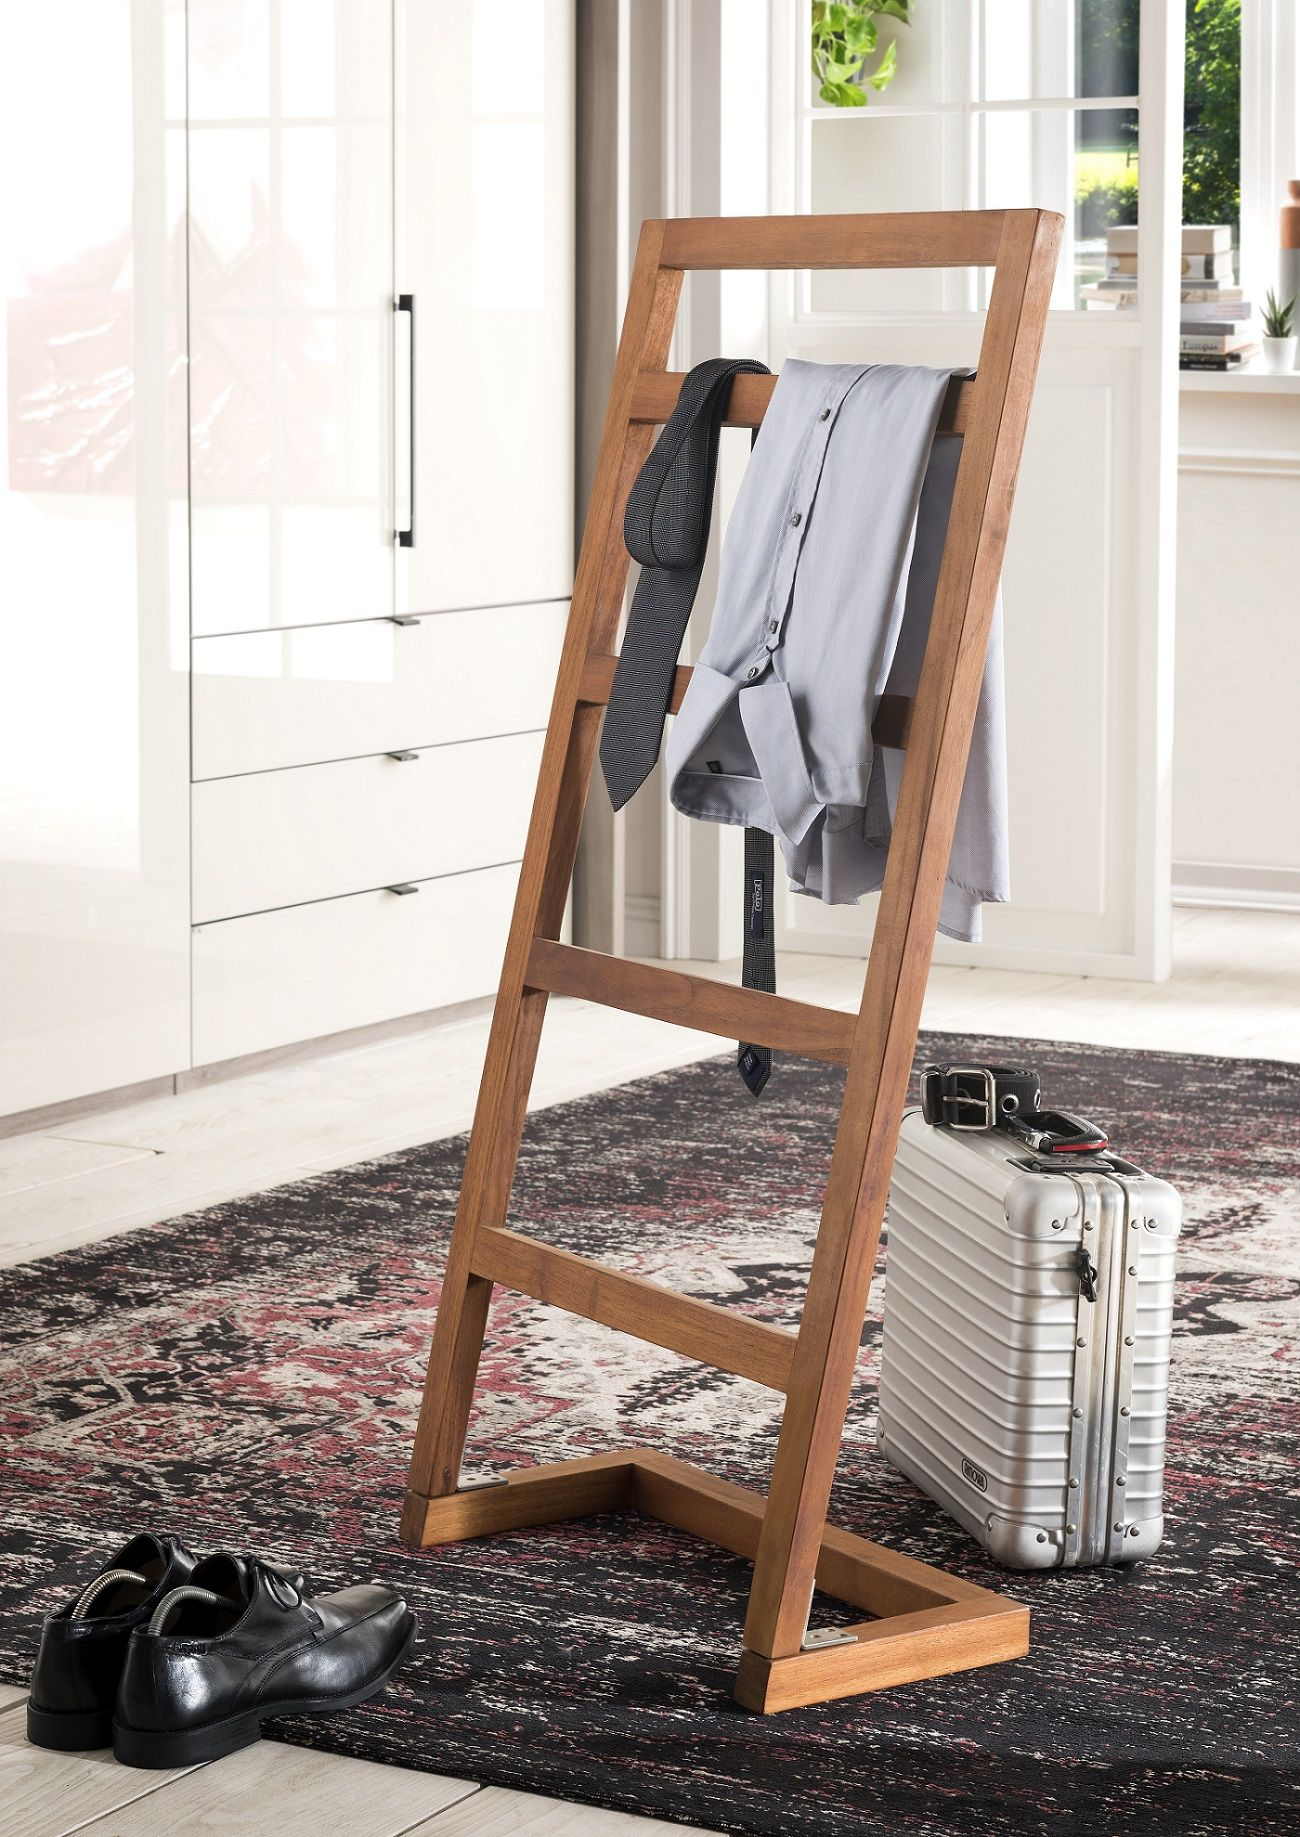 Handtuchhalter Akoda Eiche Massiv Akoda Eiche Handtuchhalter Massiv Haus Deko Handtuchhalter Badezimmerideen